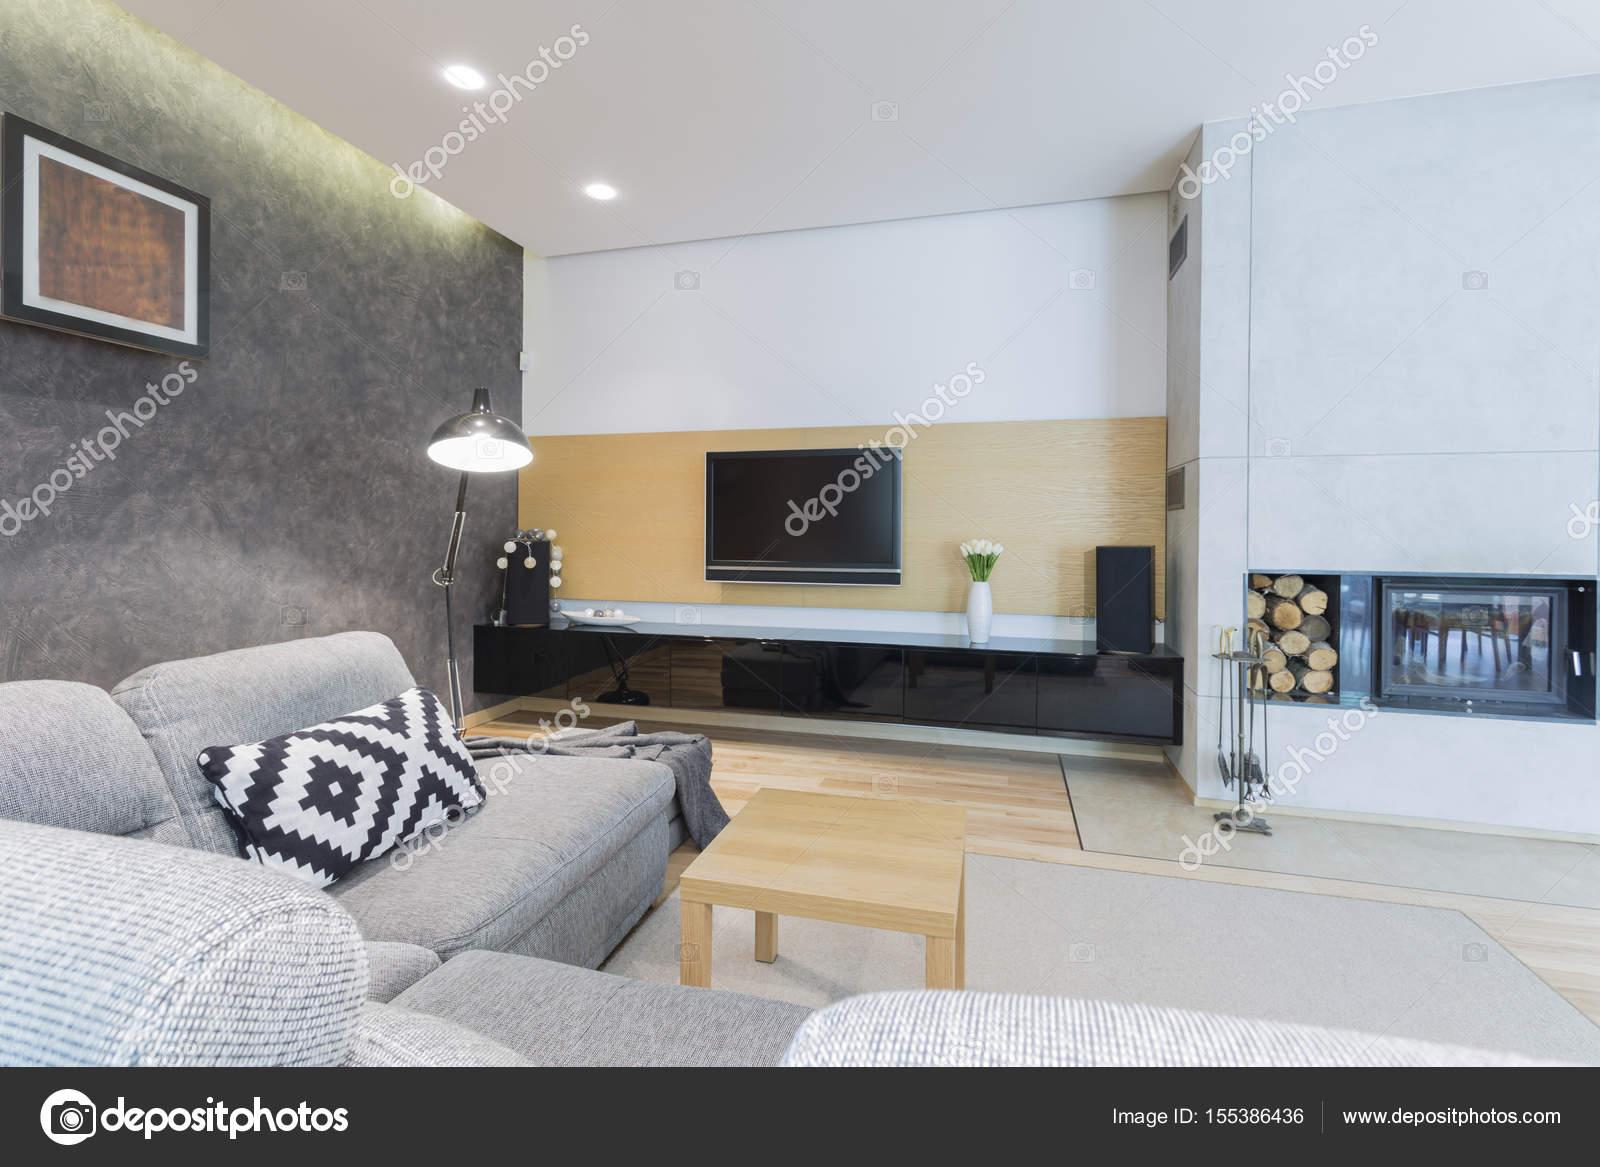 Geräumiges Wohnzimmer Mit Tv, Kamin Und Sofa U2014 Foto Von Photographee.eu